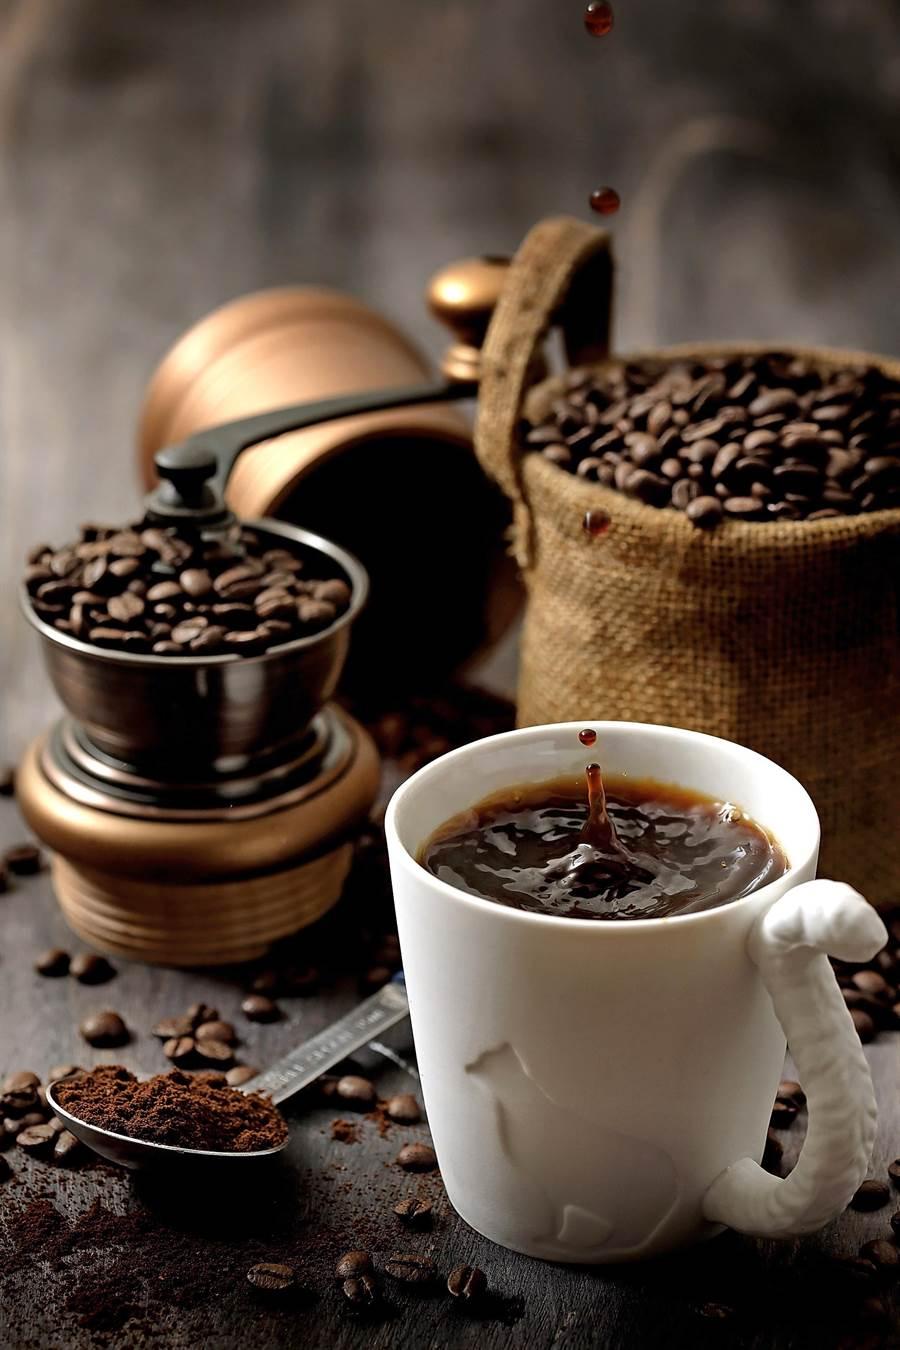 為了讓精品咖啡能維持應有的高品質,杏桃鬆餅屋美麗華店此次並購置自動式手沖咖啡機。(圖/杏桃鬆餅屋)